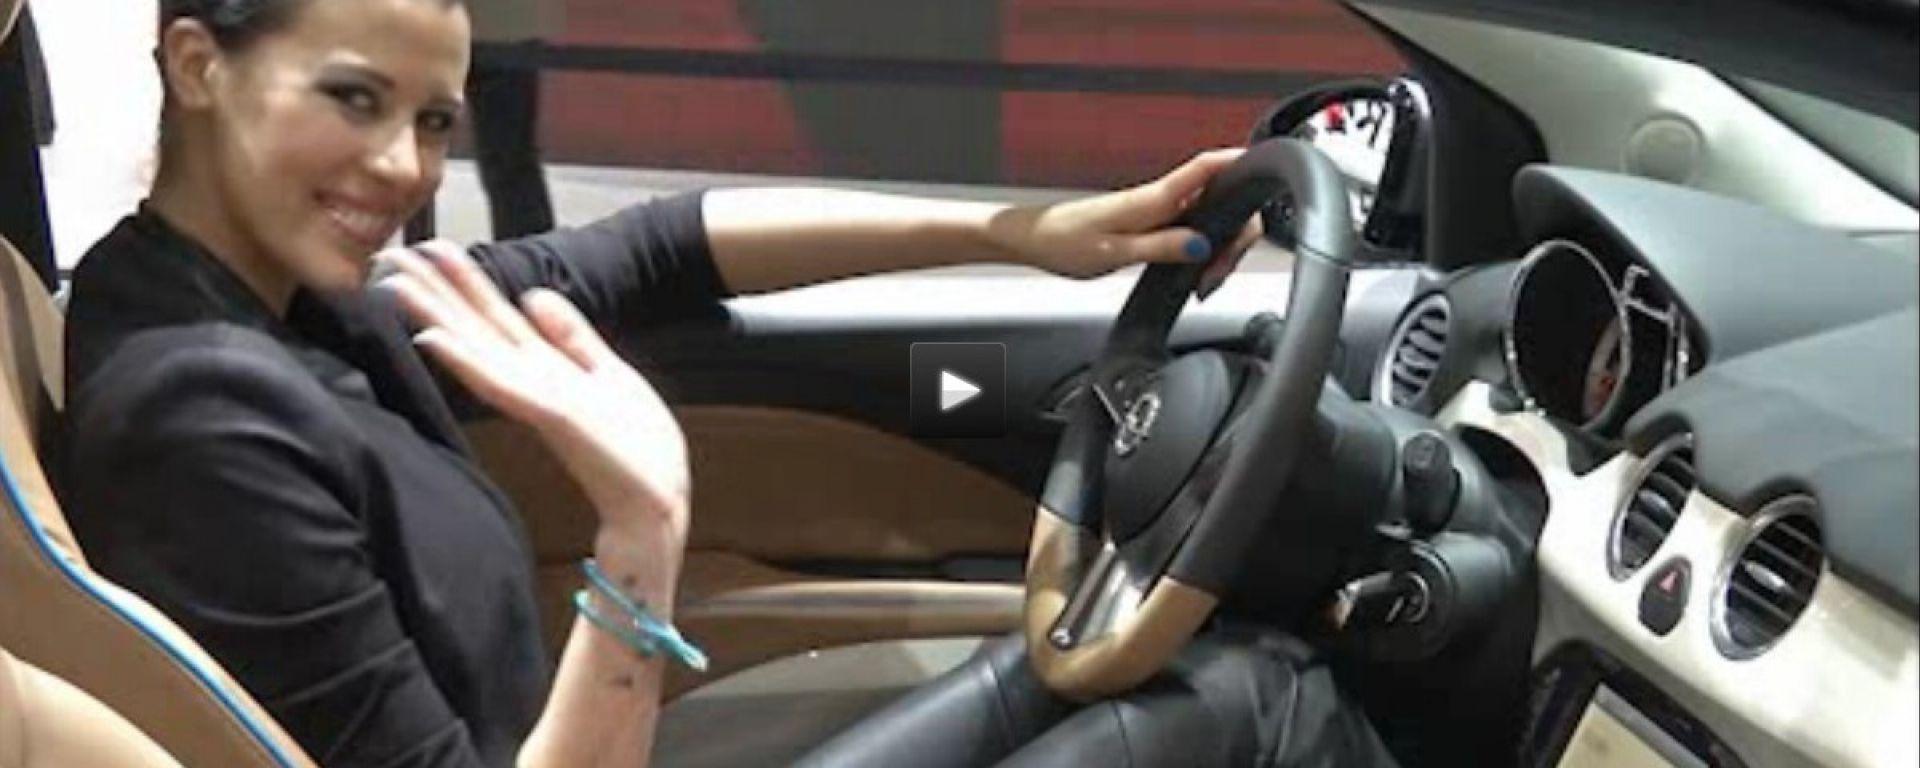 Salone di Ginevra 2013: Opel